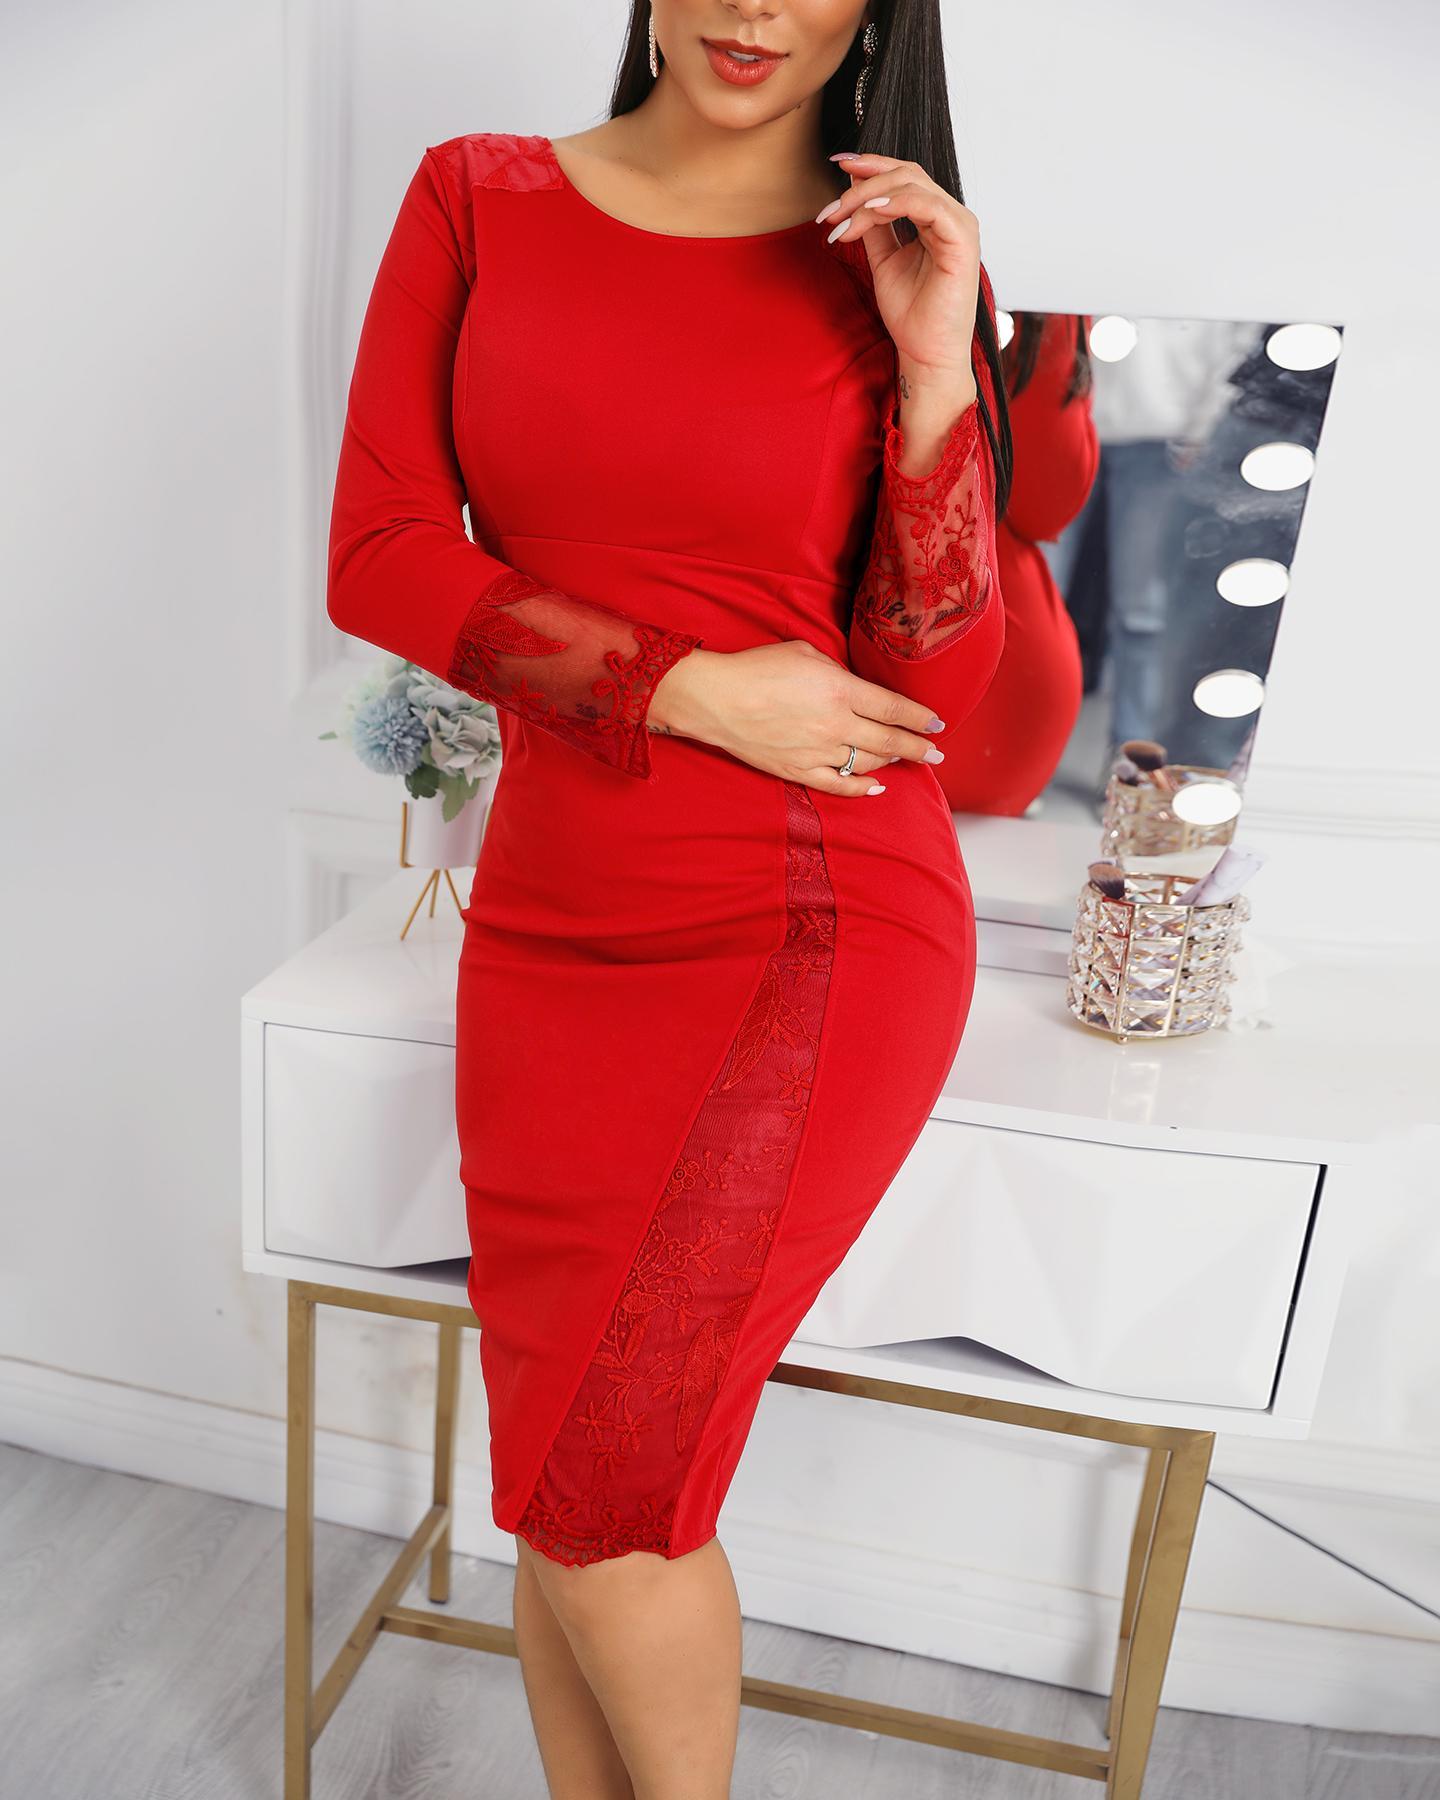 ivrose / Vestido midi bordado con detalle de encaje de malla